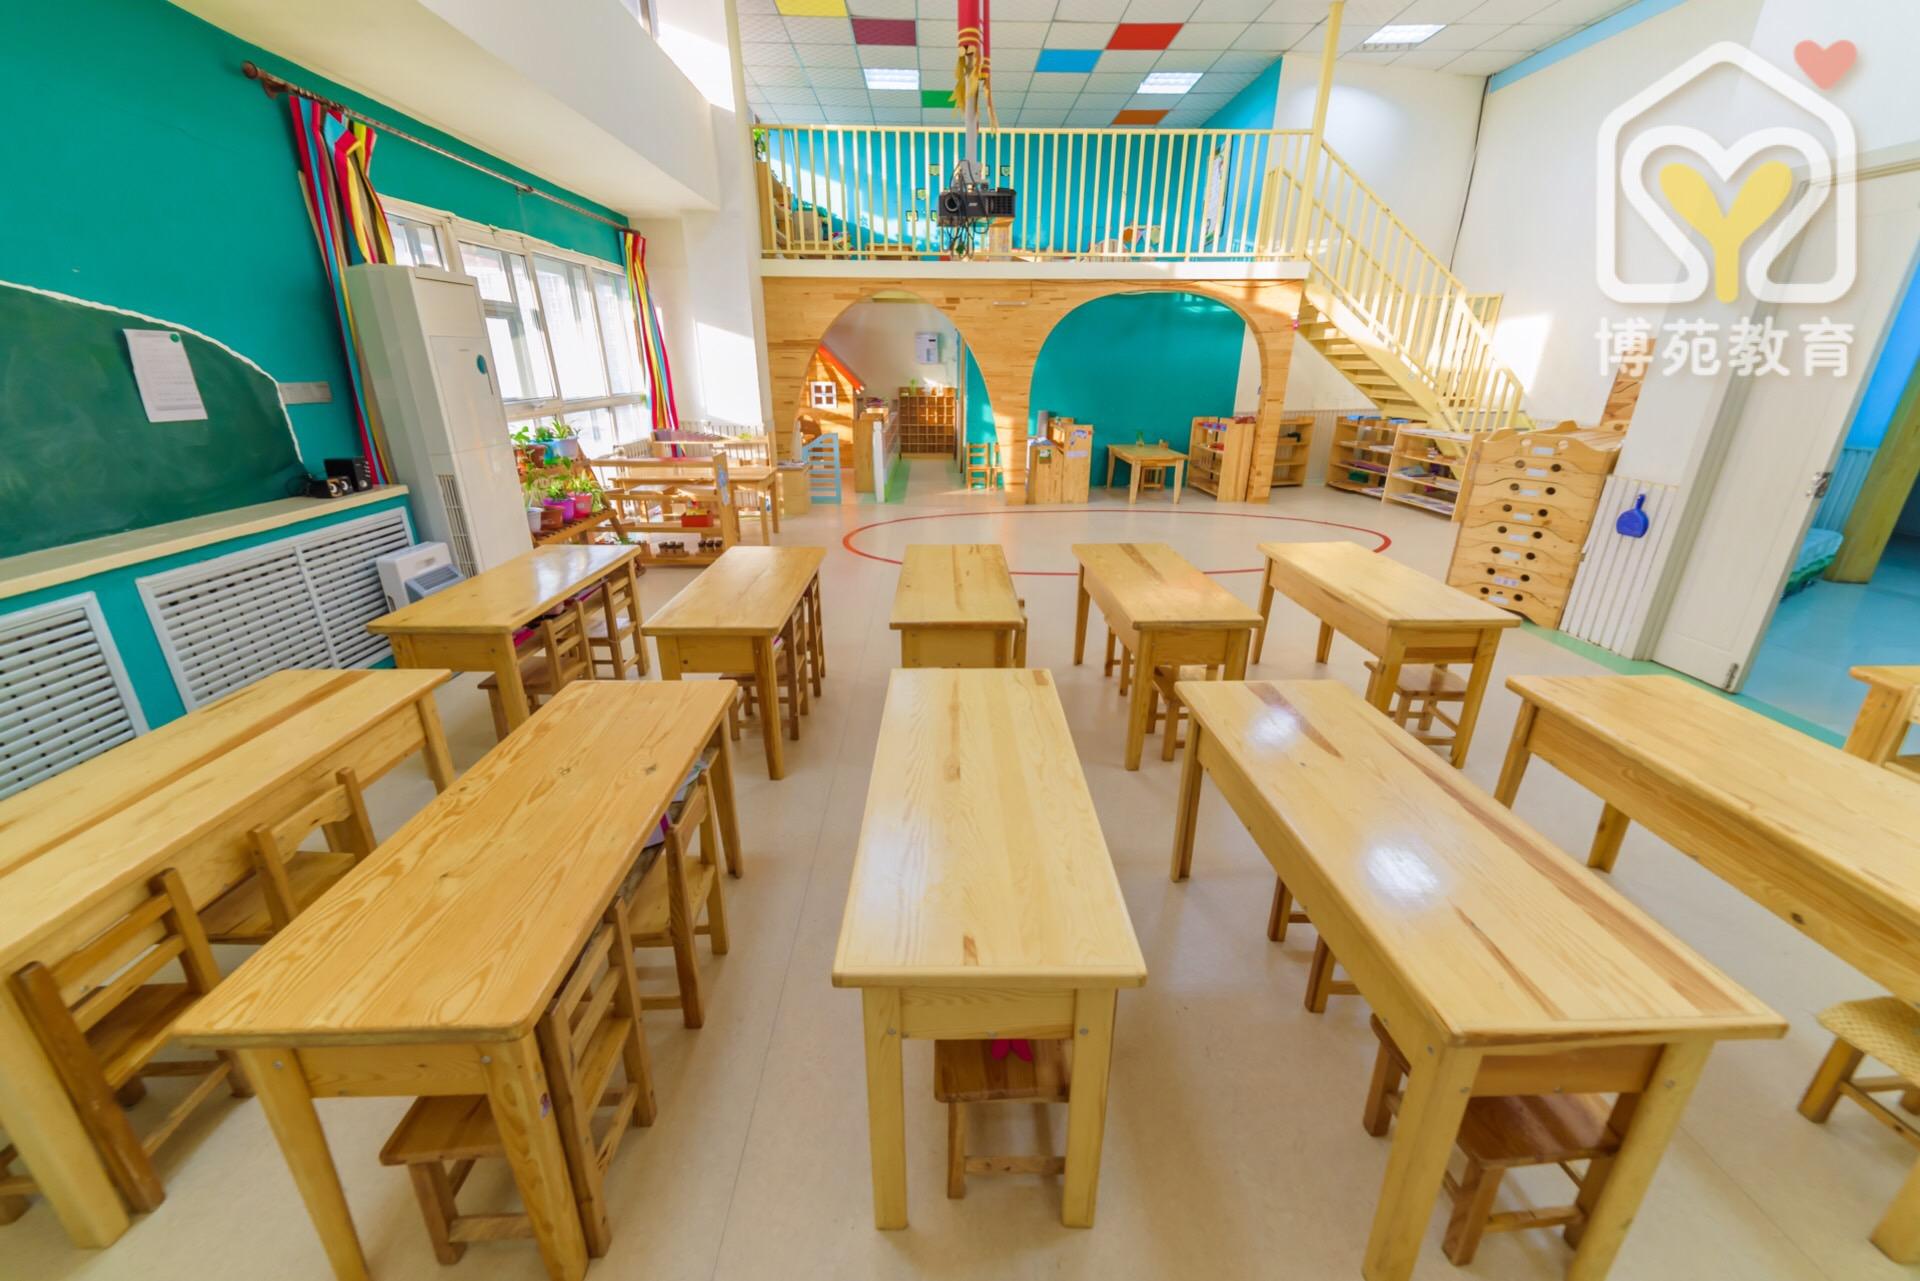 哈尔滨园_教室